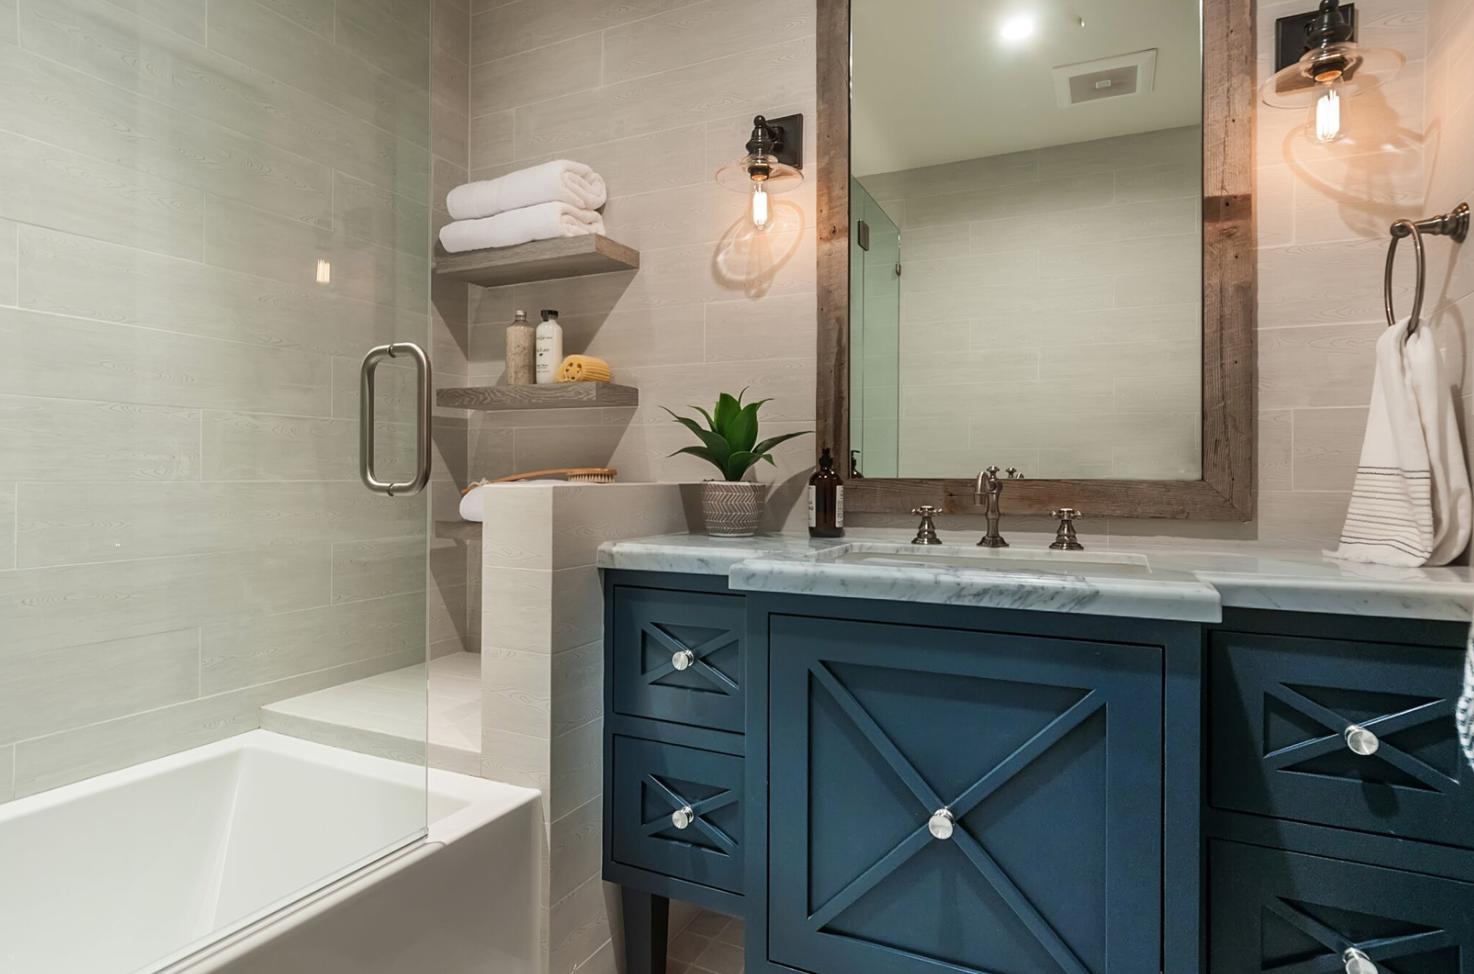 Modern Coastal Farmhouse | SoCalContractor Blog on Modern Farmhouse Bathroom  id=48225